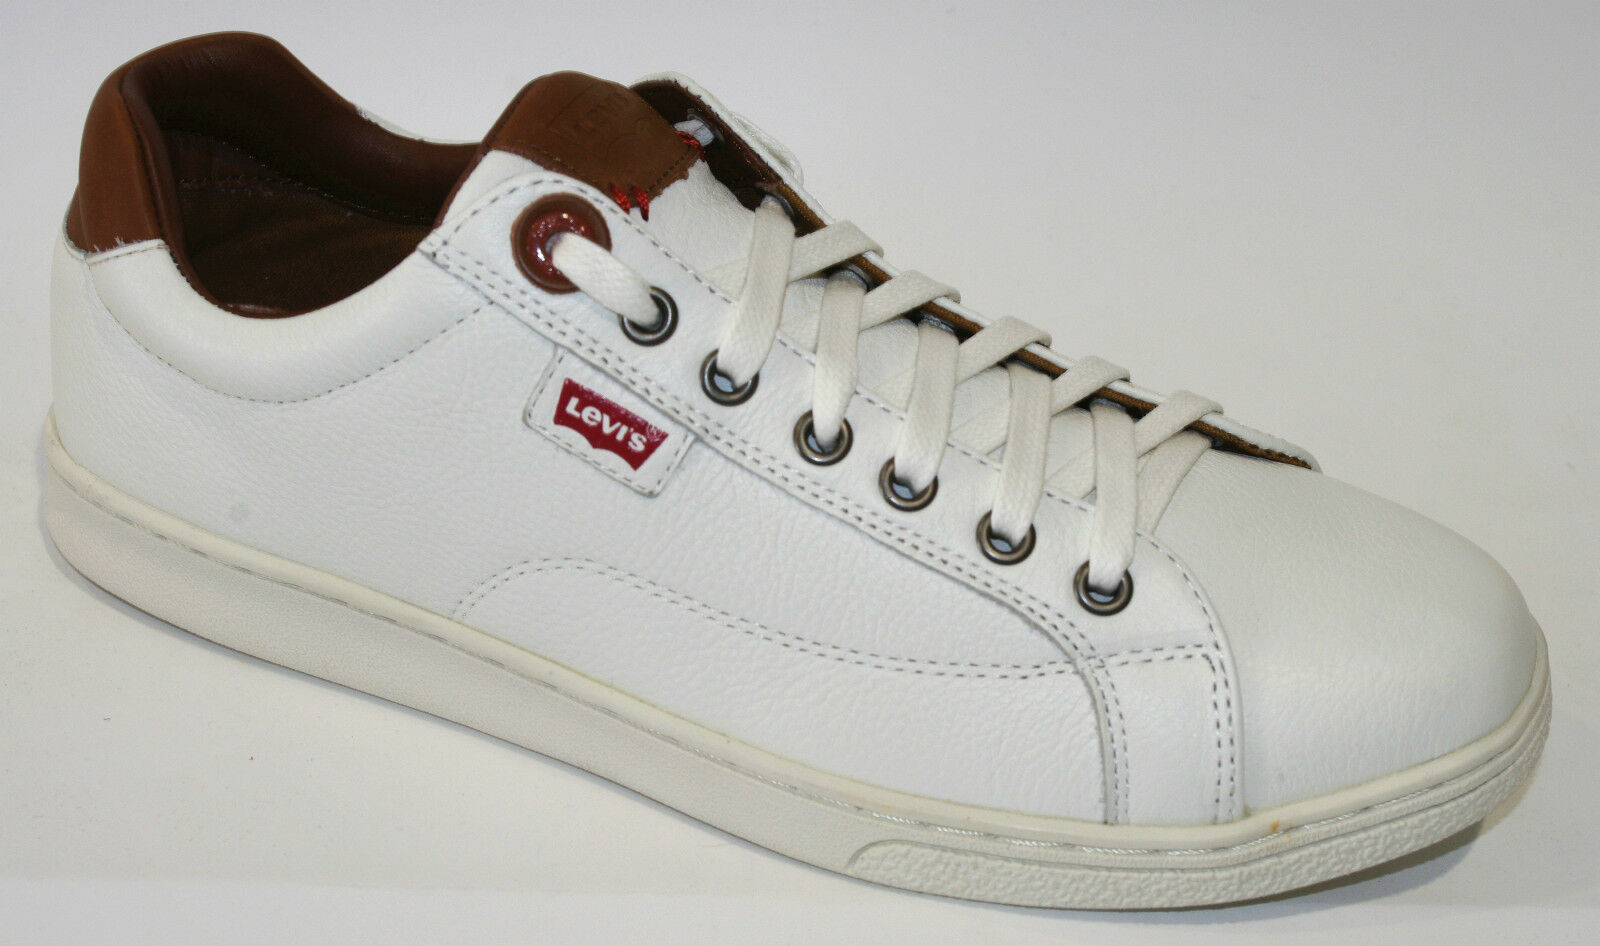 LEVI'S REGULAR Levis baskets blanc marron Levis REGULAR Hombre taille 42 6a5ab1